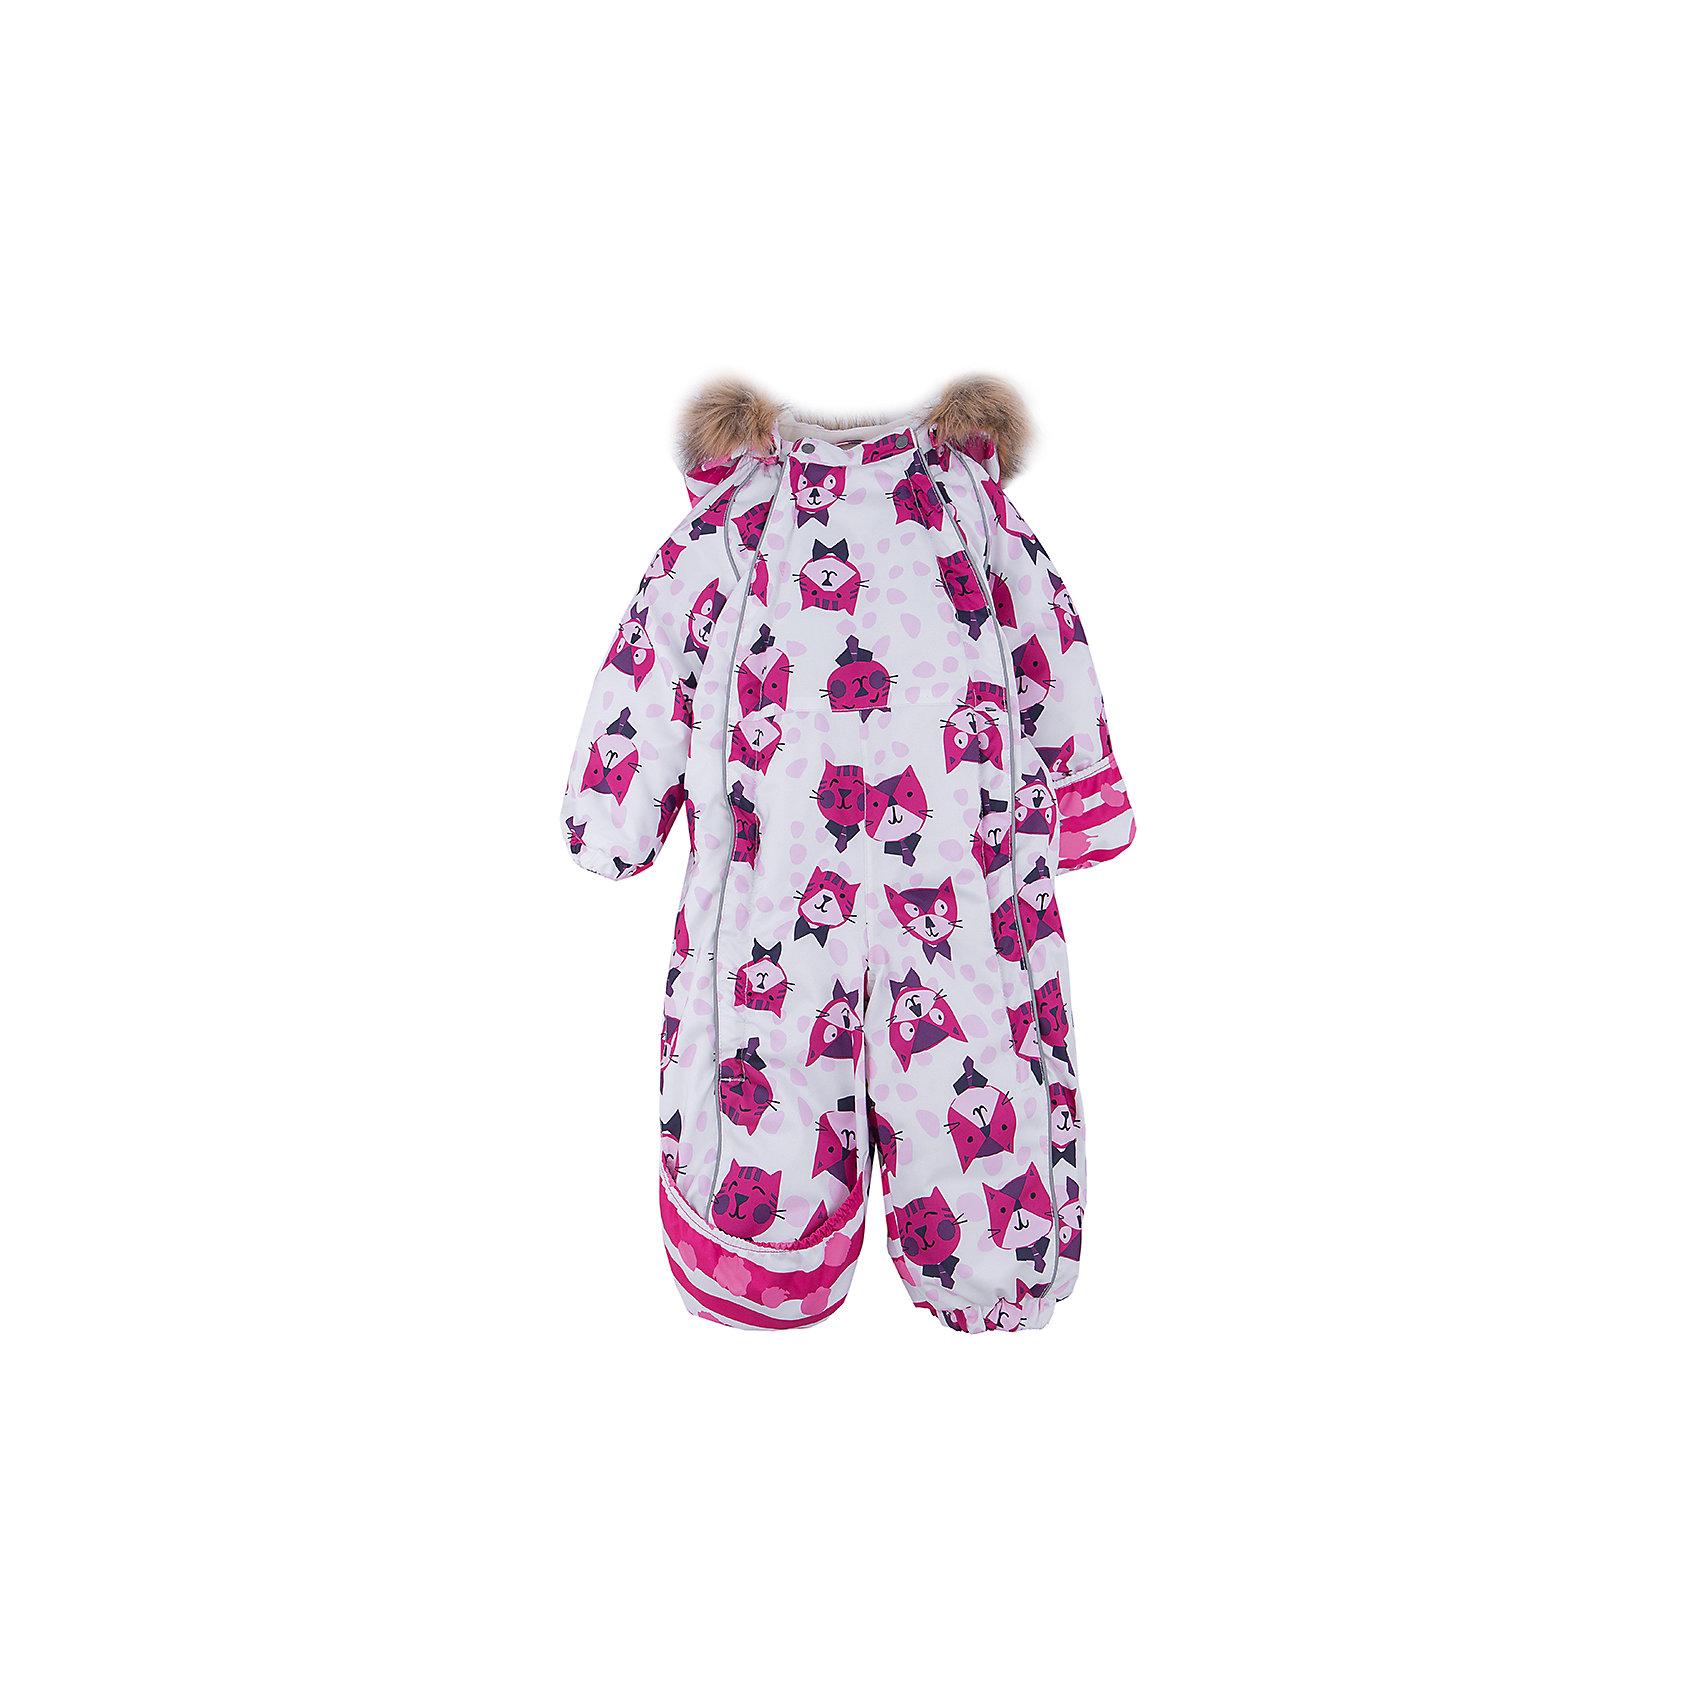 Комбинезон HuppaВерхняя одежда<br>Зимний комбинезон KEIRA Huppa (Хуппа) с необычной расцветкой и зверюшками изготовлен специально для малышей. <br><br>Утеплитель: 100% полиэстер, 300 гр.<br><br>Температурный режим: до -30 градусов. Степень утепления – высокая. <br><br>* Температурный режим указан приблизительно — необходимо, прежде всего, ориентироваться на ощущения ребенка. Температурный режим работает в случае соблюдения правила многослойности – использования флисовой поддевы и термобелья.<br><br>Мембрана с изнаночной стороны защитит от воды, ветра и выведет лишнюю влагу во избежание перегрева. Утеплитель HuppaTherm быстро восстанавливается и неприхотлив в уходе. Комбинезон имеет резинки на талии и манжетах, благодаря чему вы можете не переживать о том, что снег попадет крохе под одежду. Комбинезон застегивается на две молнии спереди, что особенно удобно для маленьких непосед.<br><br>Особенности:<br>-отстегивающийся капюшон<br>-двойная молния<br>-светоотражающие полоски<br>-манжеты с отворотом у размеров 68-80<br><br>Дополнительная информация:<br>Материал: 100% полиэстер<br>Подкладка: фланель - 100% хлопок<br>Цвет: белый/розовый<br><br>Вы можете приобрести комбинезон KEIRA Huppa (Хуппа) в нашем интернет-магазине.<br><br>Ширина мм: 356<br>Глубина мм: 10<br>Высота мм: 245<br>Вес г: 519<br>Цвет: белый/розовый<br>Возраст от месяцев: 24<br>Возраст до месяцев: 36<br>Пол: Женский<br>Возраст: Детский<br>Размер: 98,68,74,80,86,92<br>SKU: 4928519